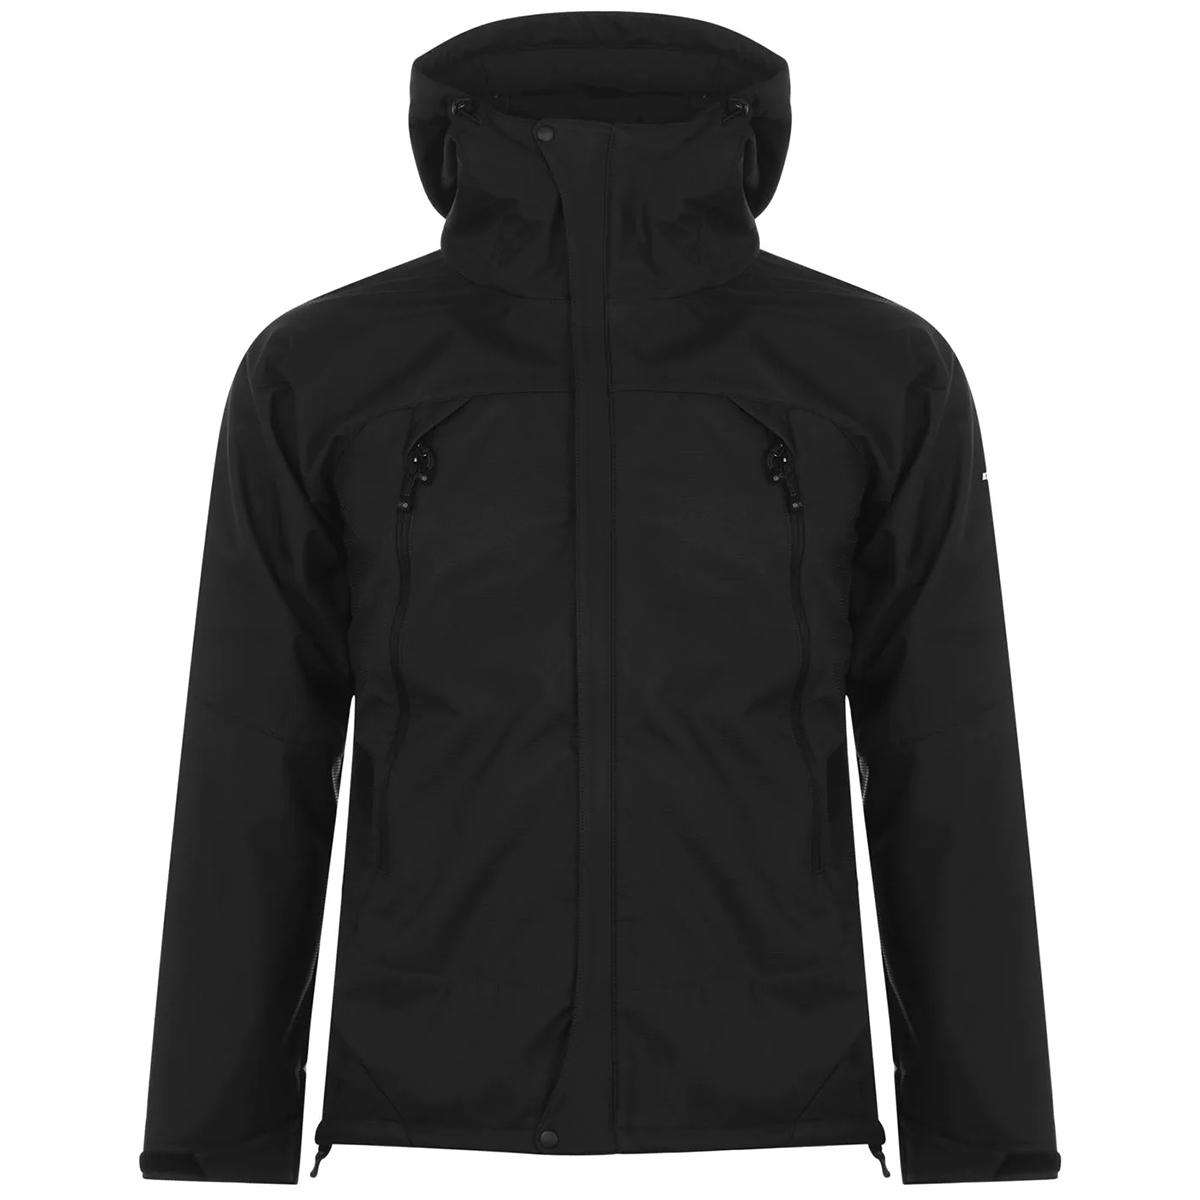 Karrimor Men's Arete Hooded Jacket - Black, S